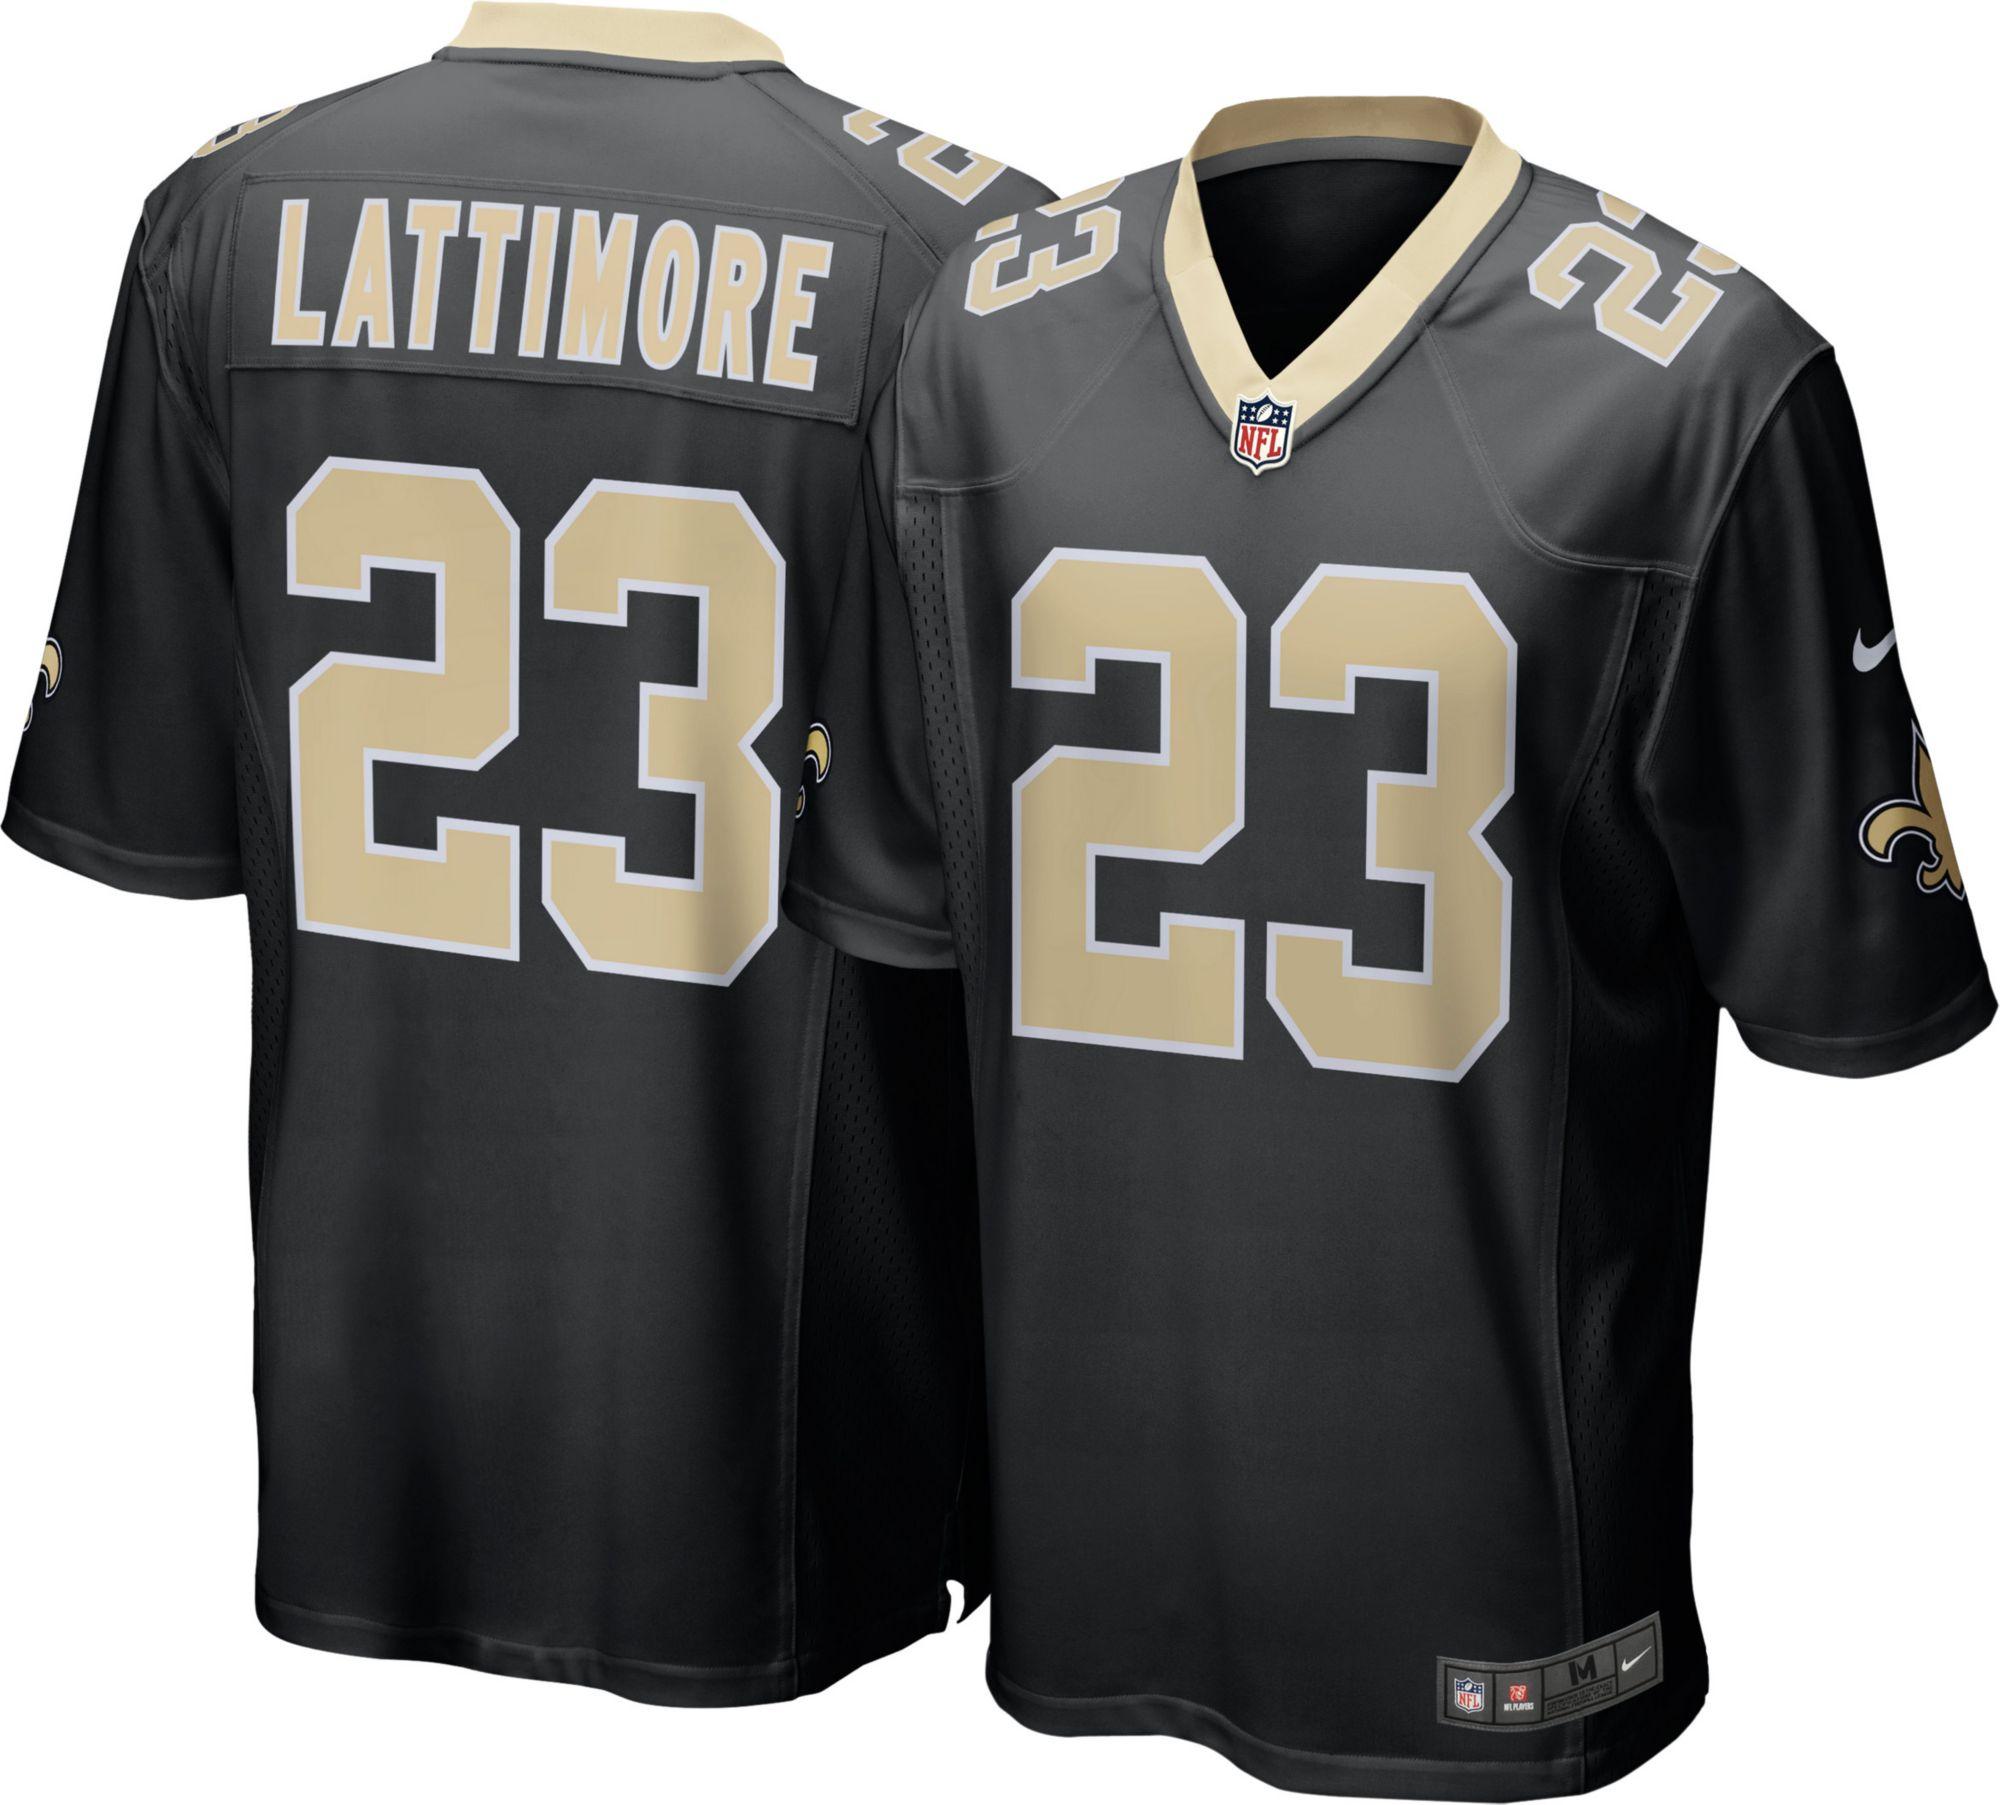 saints alternate jersey